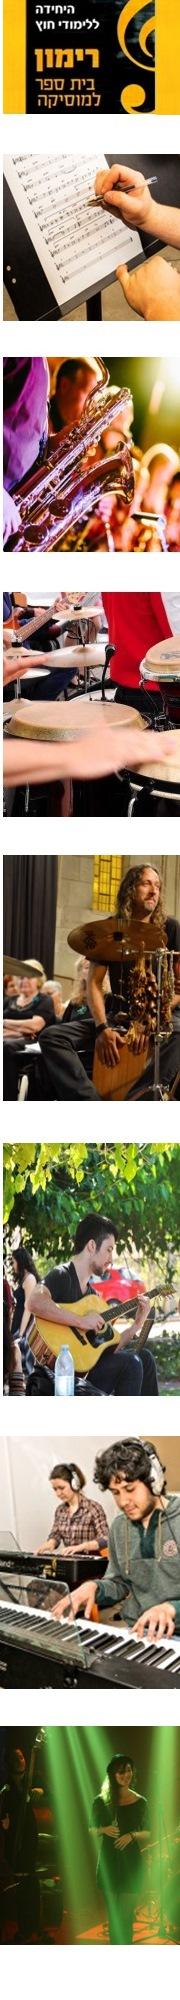 רימון - בית הספר למוסיקה - היחידה ללימודי חוץ - קורסי מוסיקה - למורים, גננות ולקהל הרחב